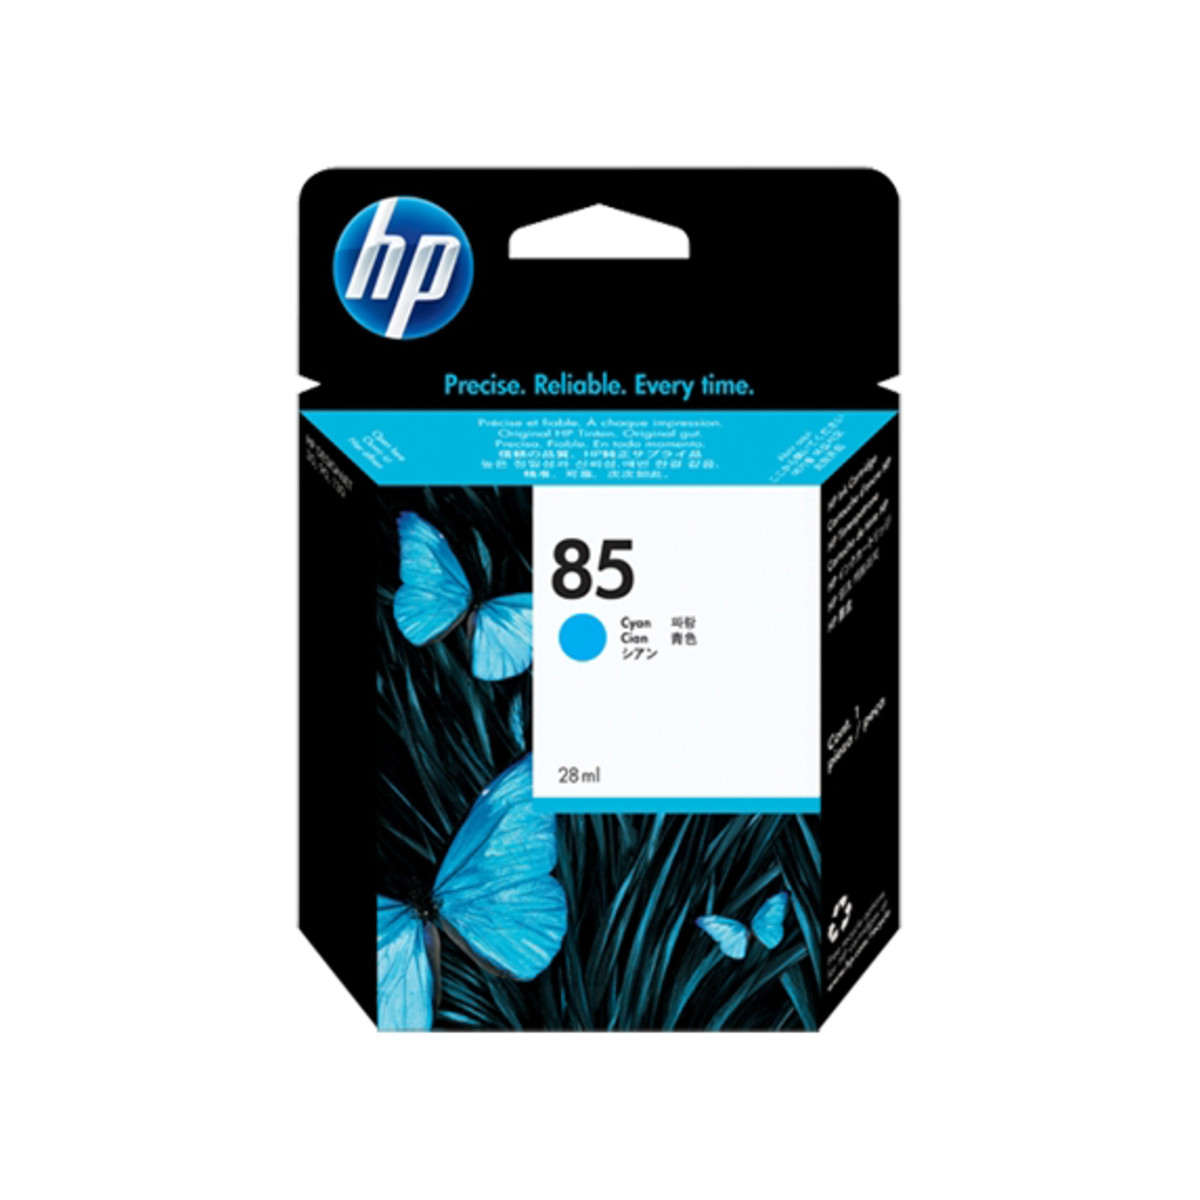 HP 85 (C9425A) Cyan Ink Cartridge